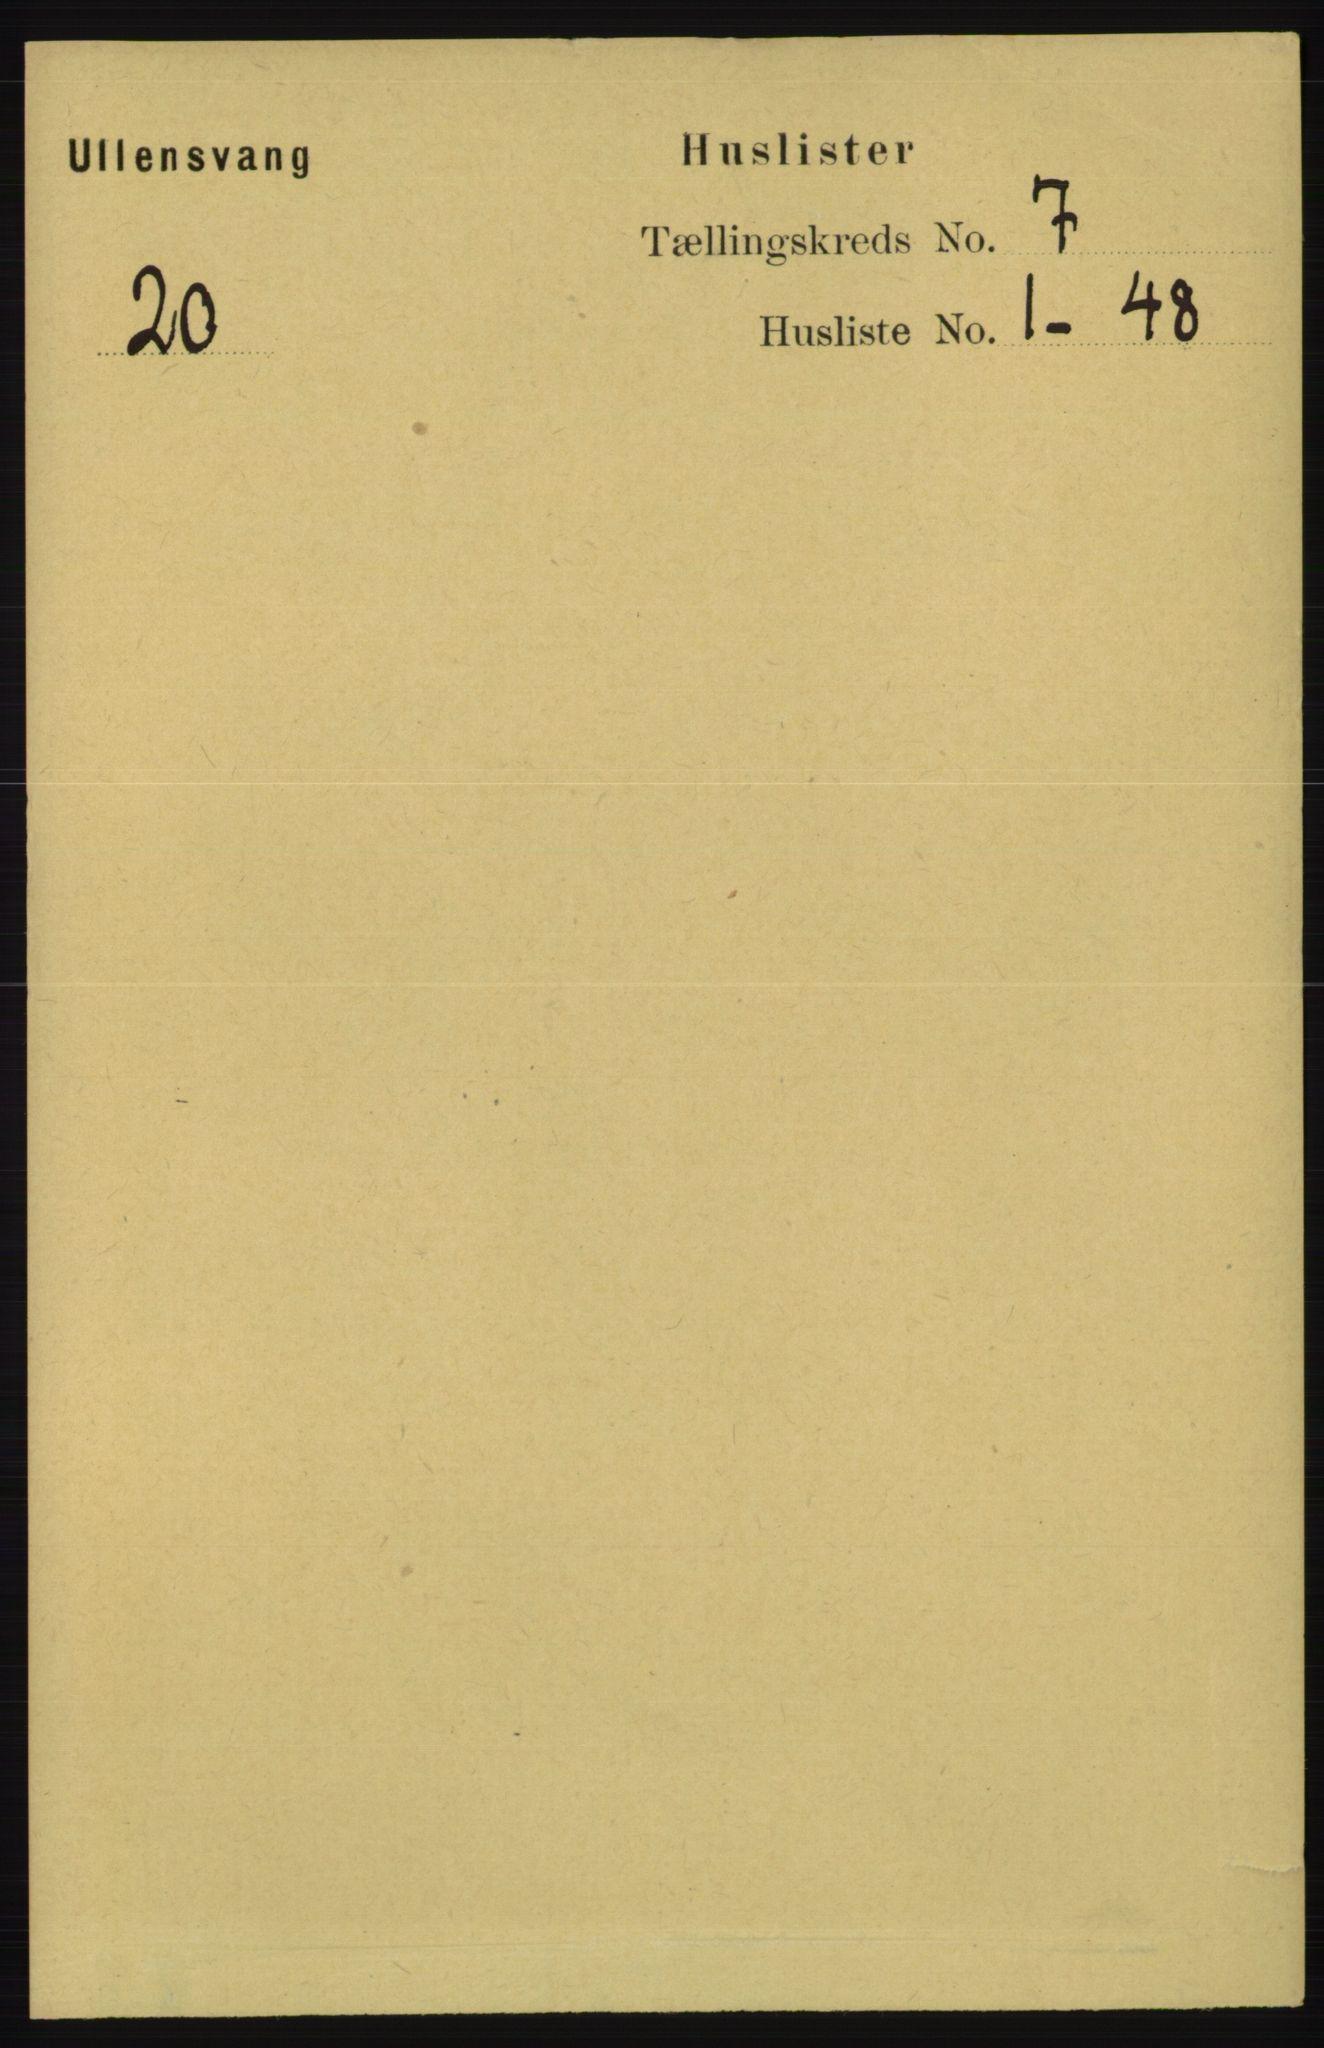 RA, Folketelling 1891 for 1230 Ullensvang herred, 1891, s. 2302